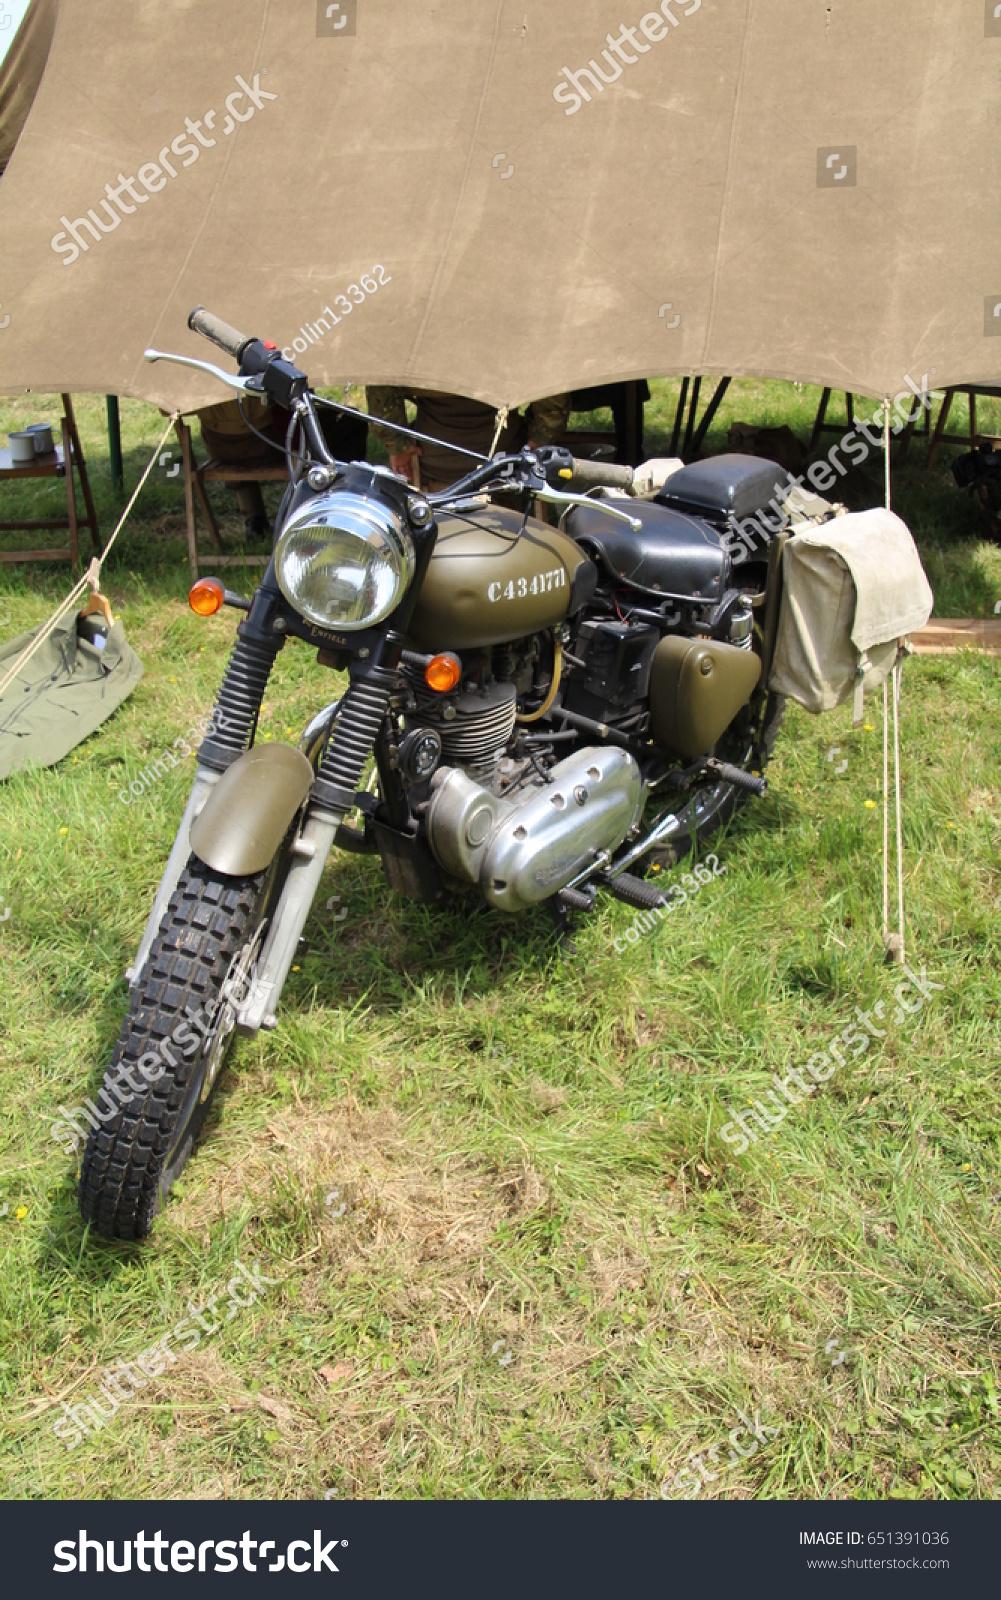 Free motorcycle dating uk #6